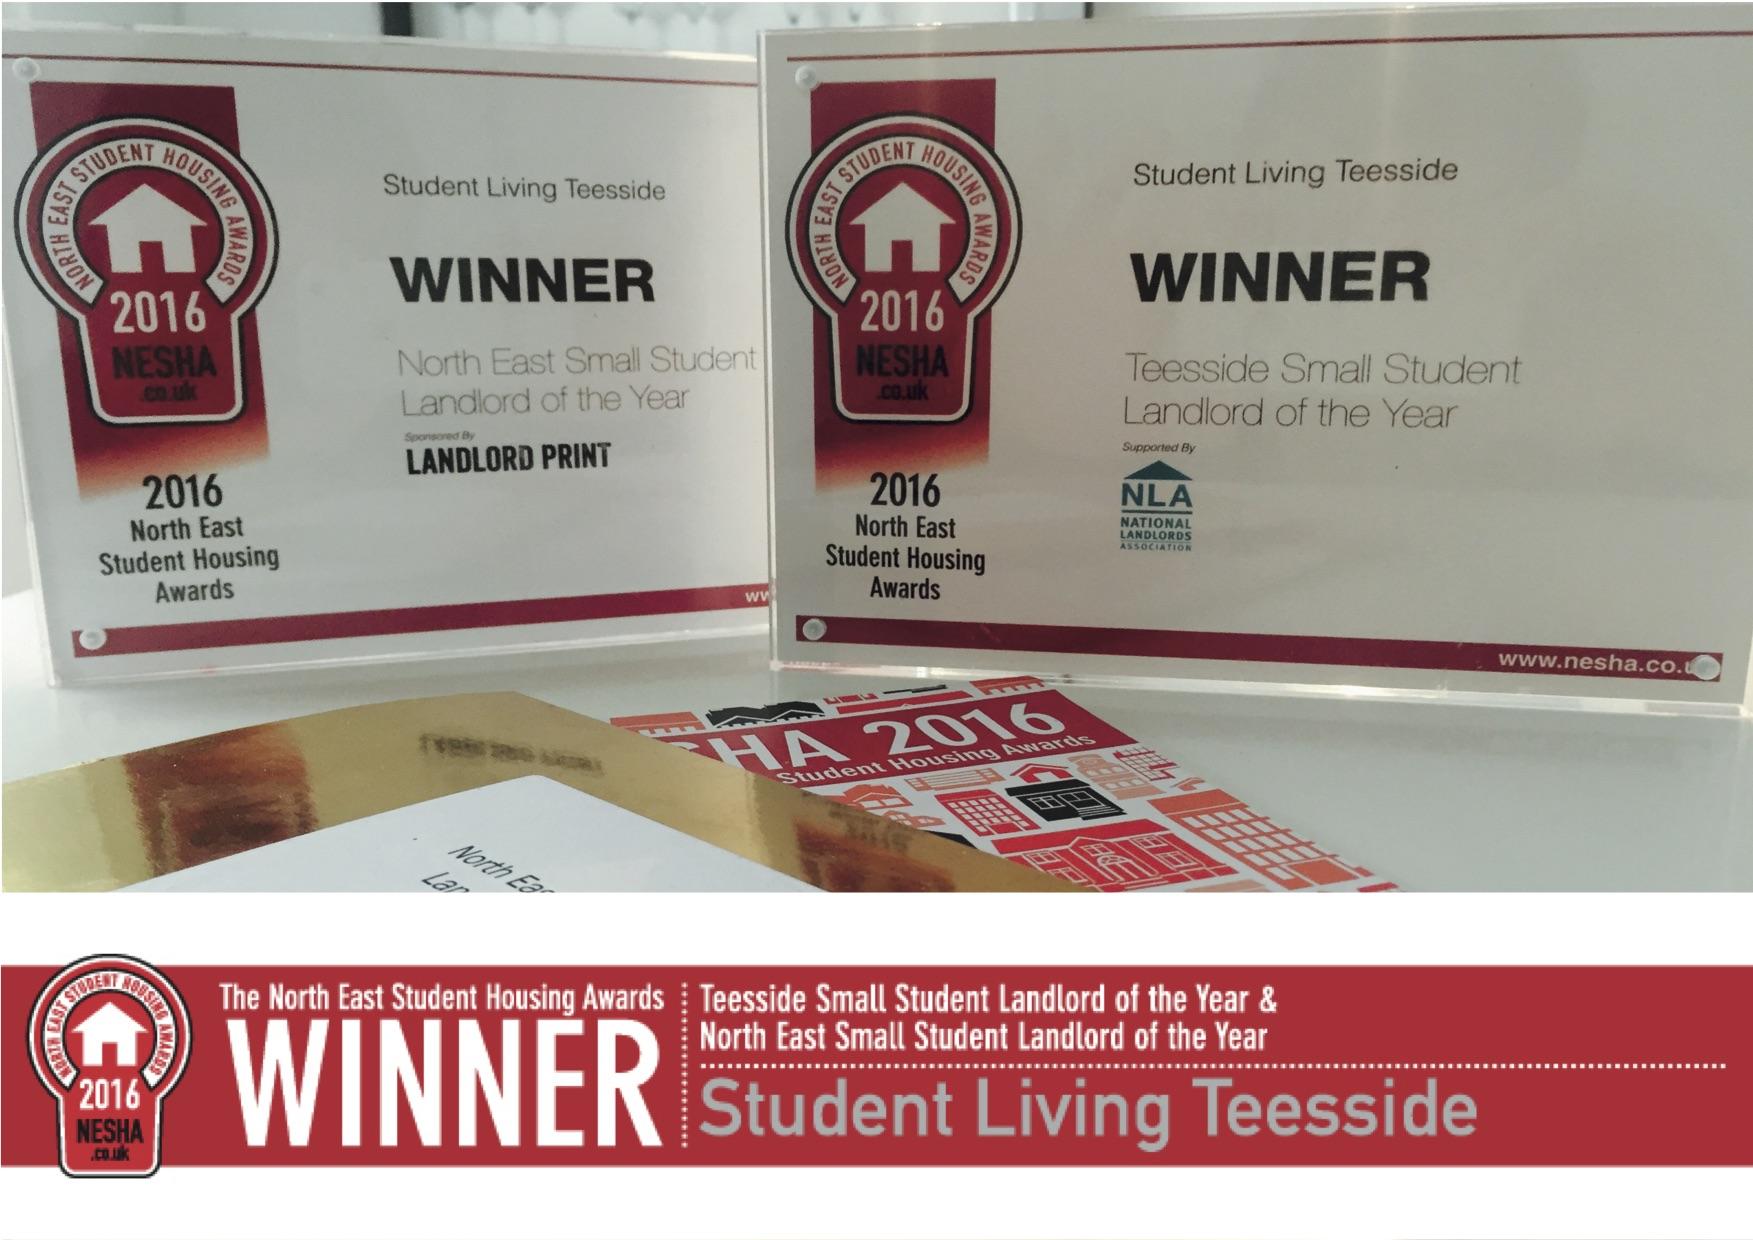 Student Living Teesside